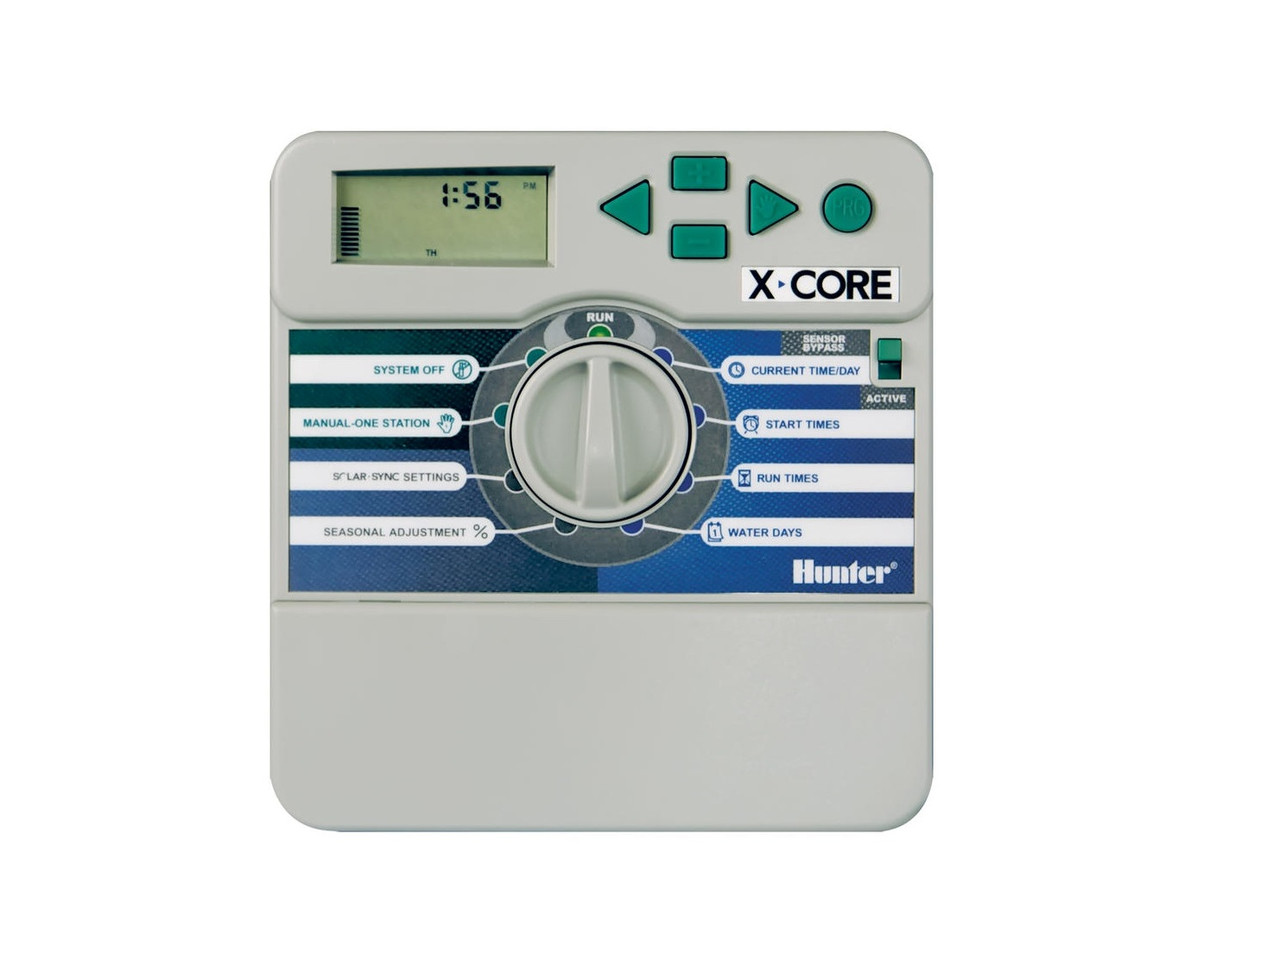 Контроллер X-CORE XC-401i-E на 4 зоны для внутренней установки с трансформатором  П